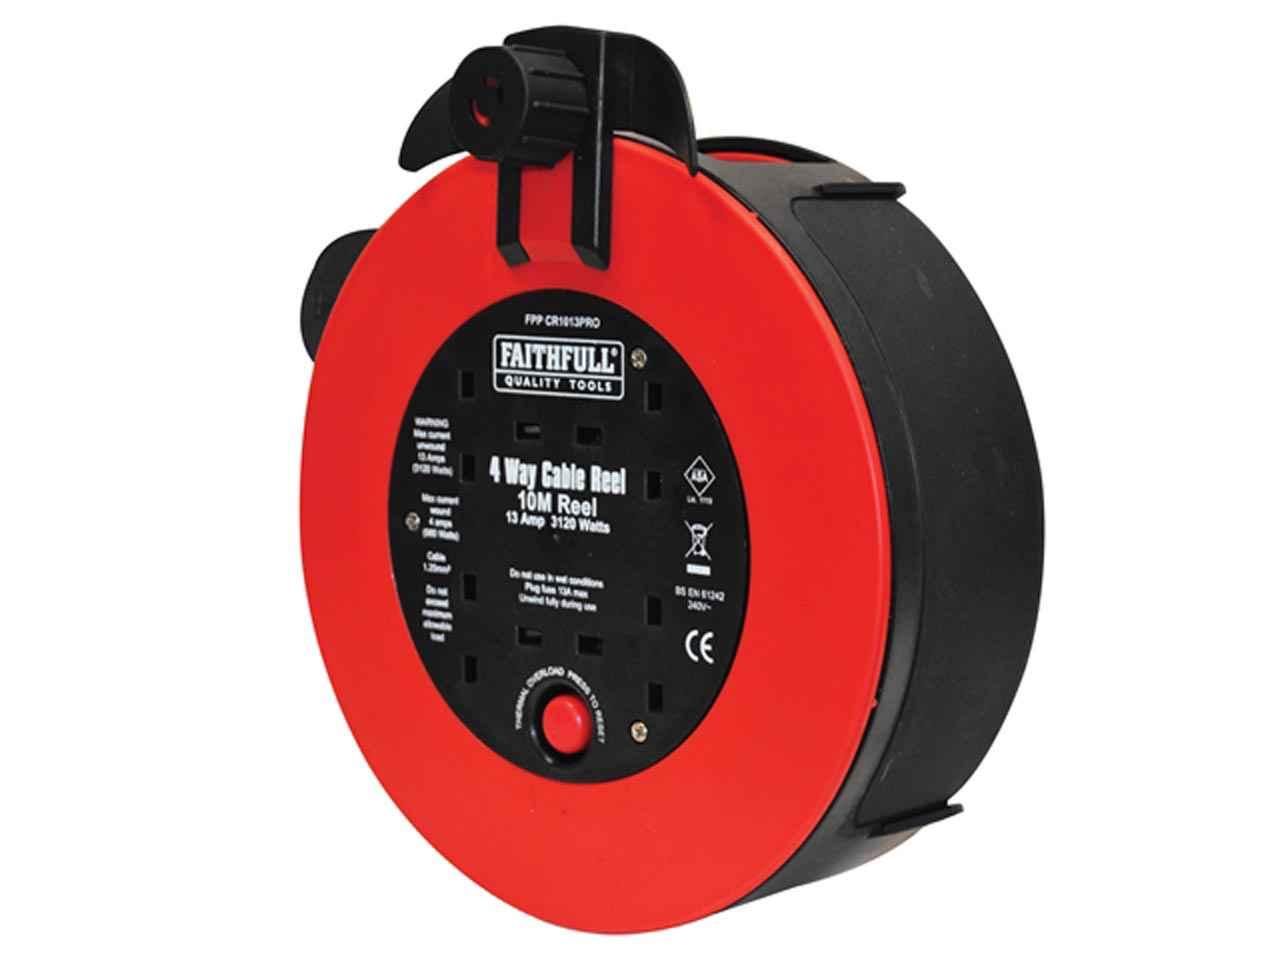 Faithfull Fast Rewind 10m Extension Cable Lead 4 Plug Socket Reel 240v 13 Amp